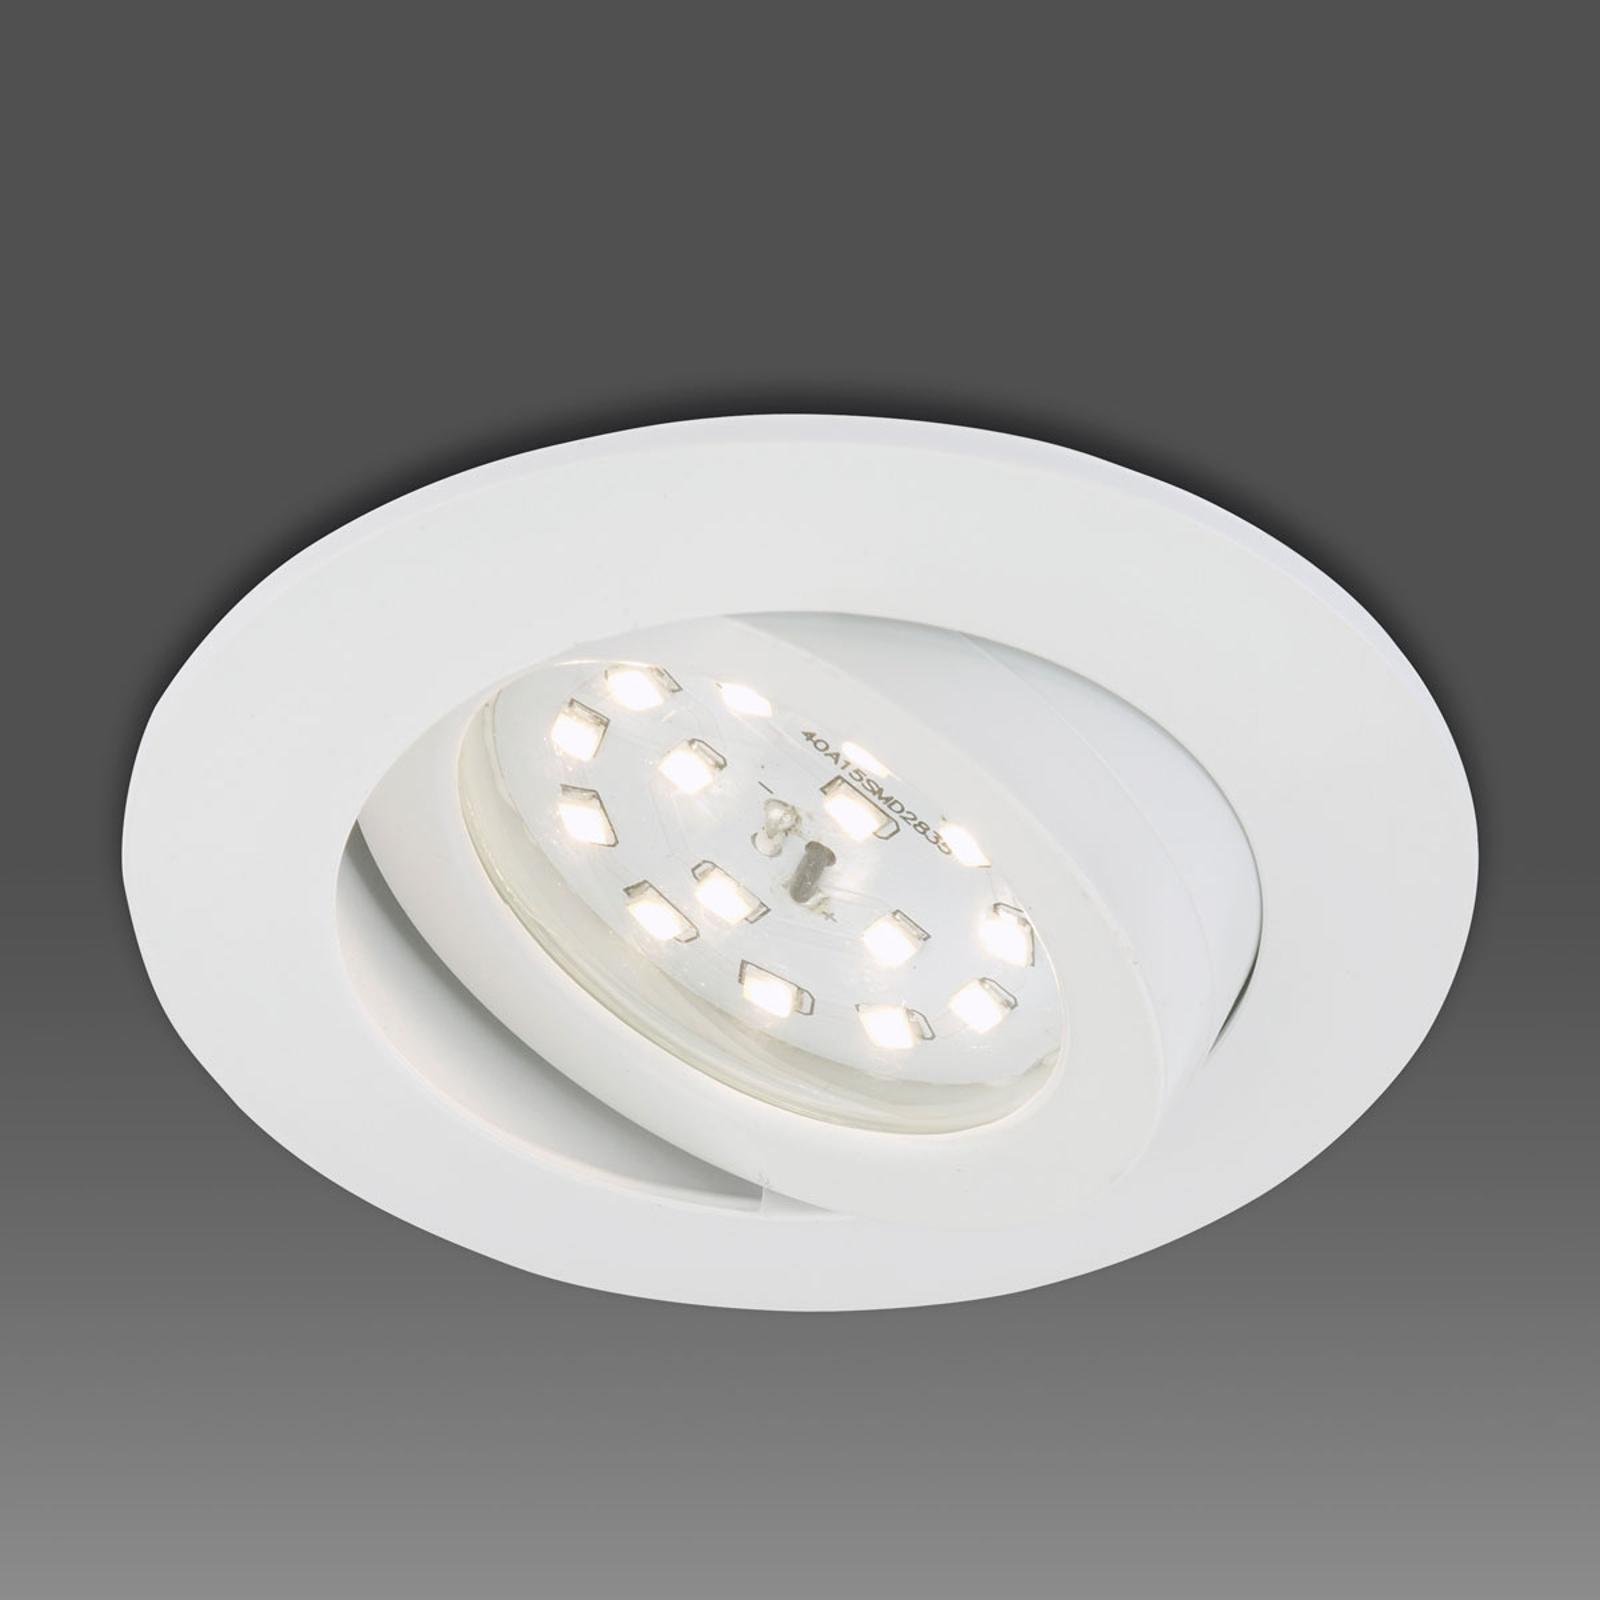 Svingbar LED-innfellingsspot Erik hvit